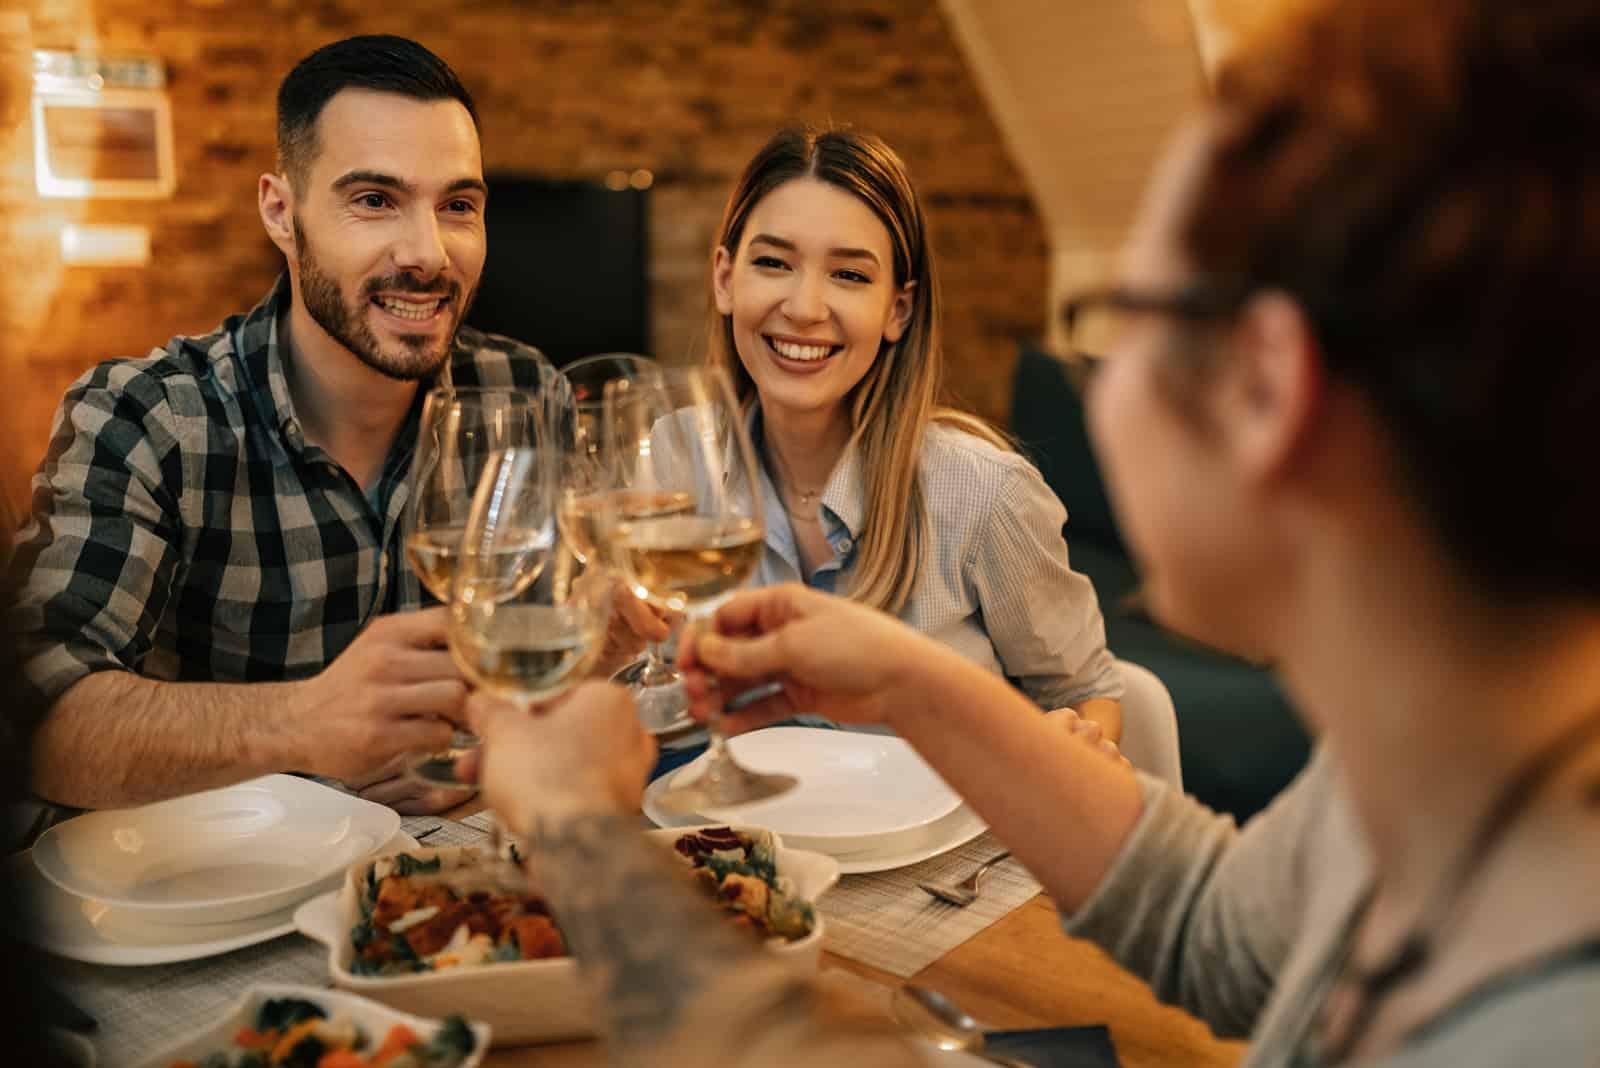 Junges glückliches Paar, das Spaß beim Anstoßen mit Freunden während des Abendessens am Esstisch hat